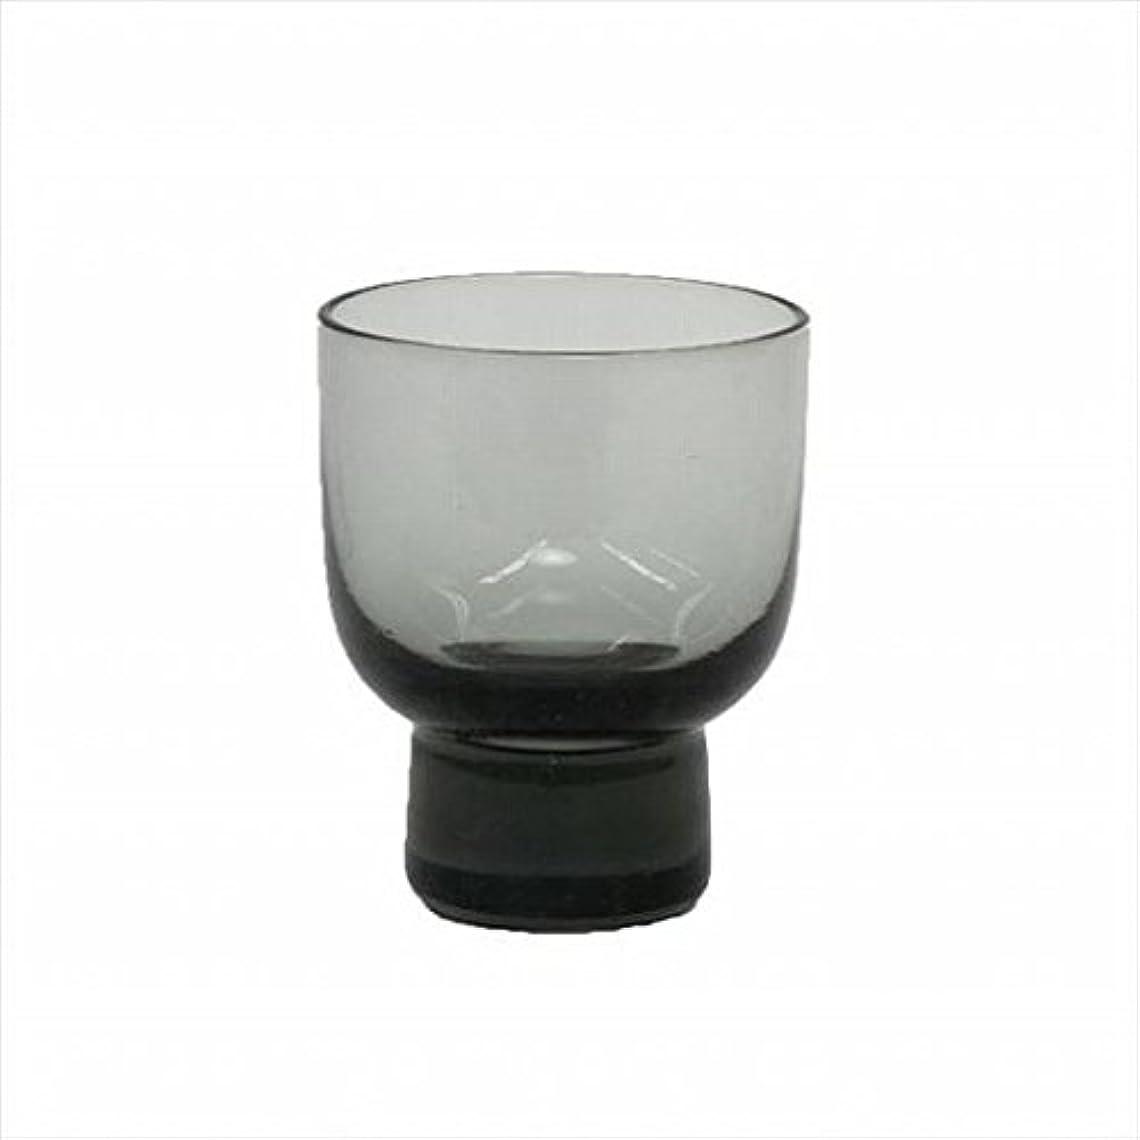 火山重なる装置kameyama candle(カメヤマキャンドル) ロキカップ 「 スモーク 」 キャンドル 58x58x70mm (I8236100SM)